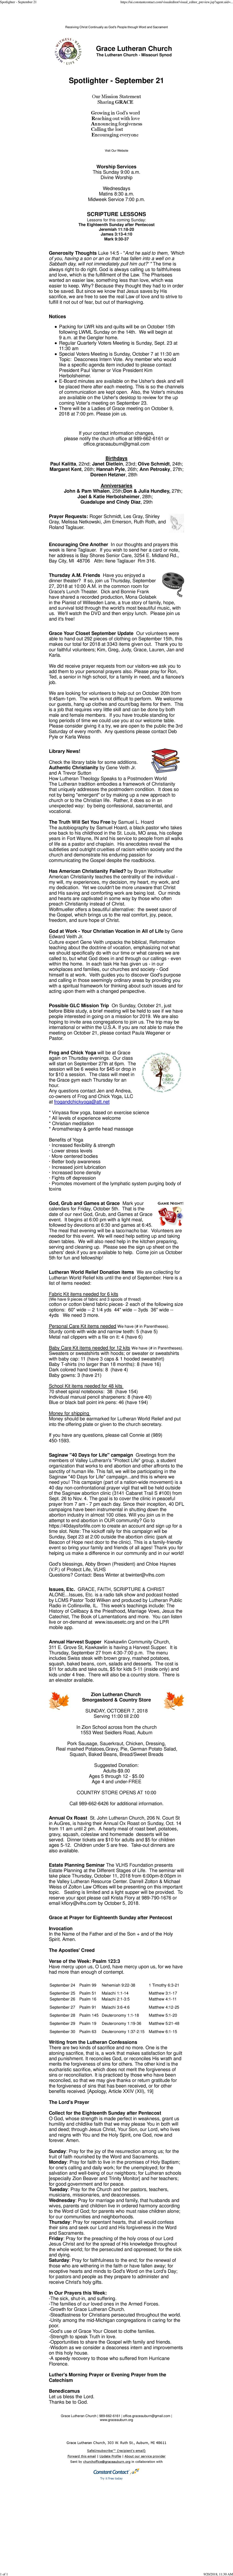 Spotlighter - September 21-page-001.jpg